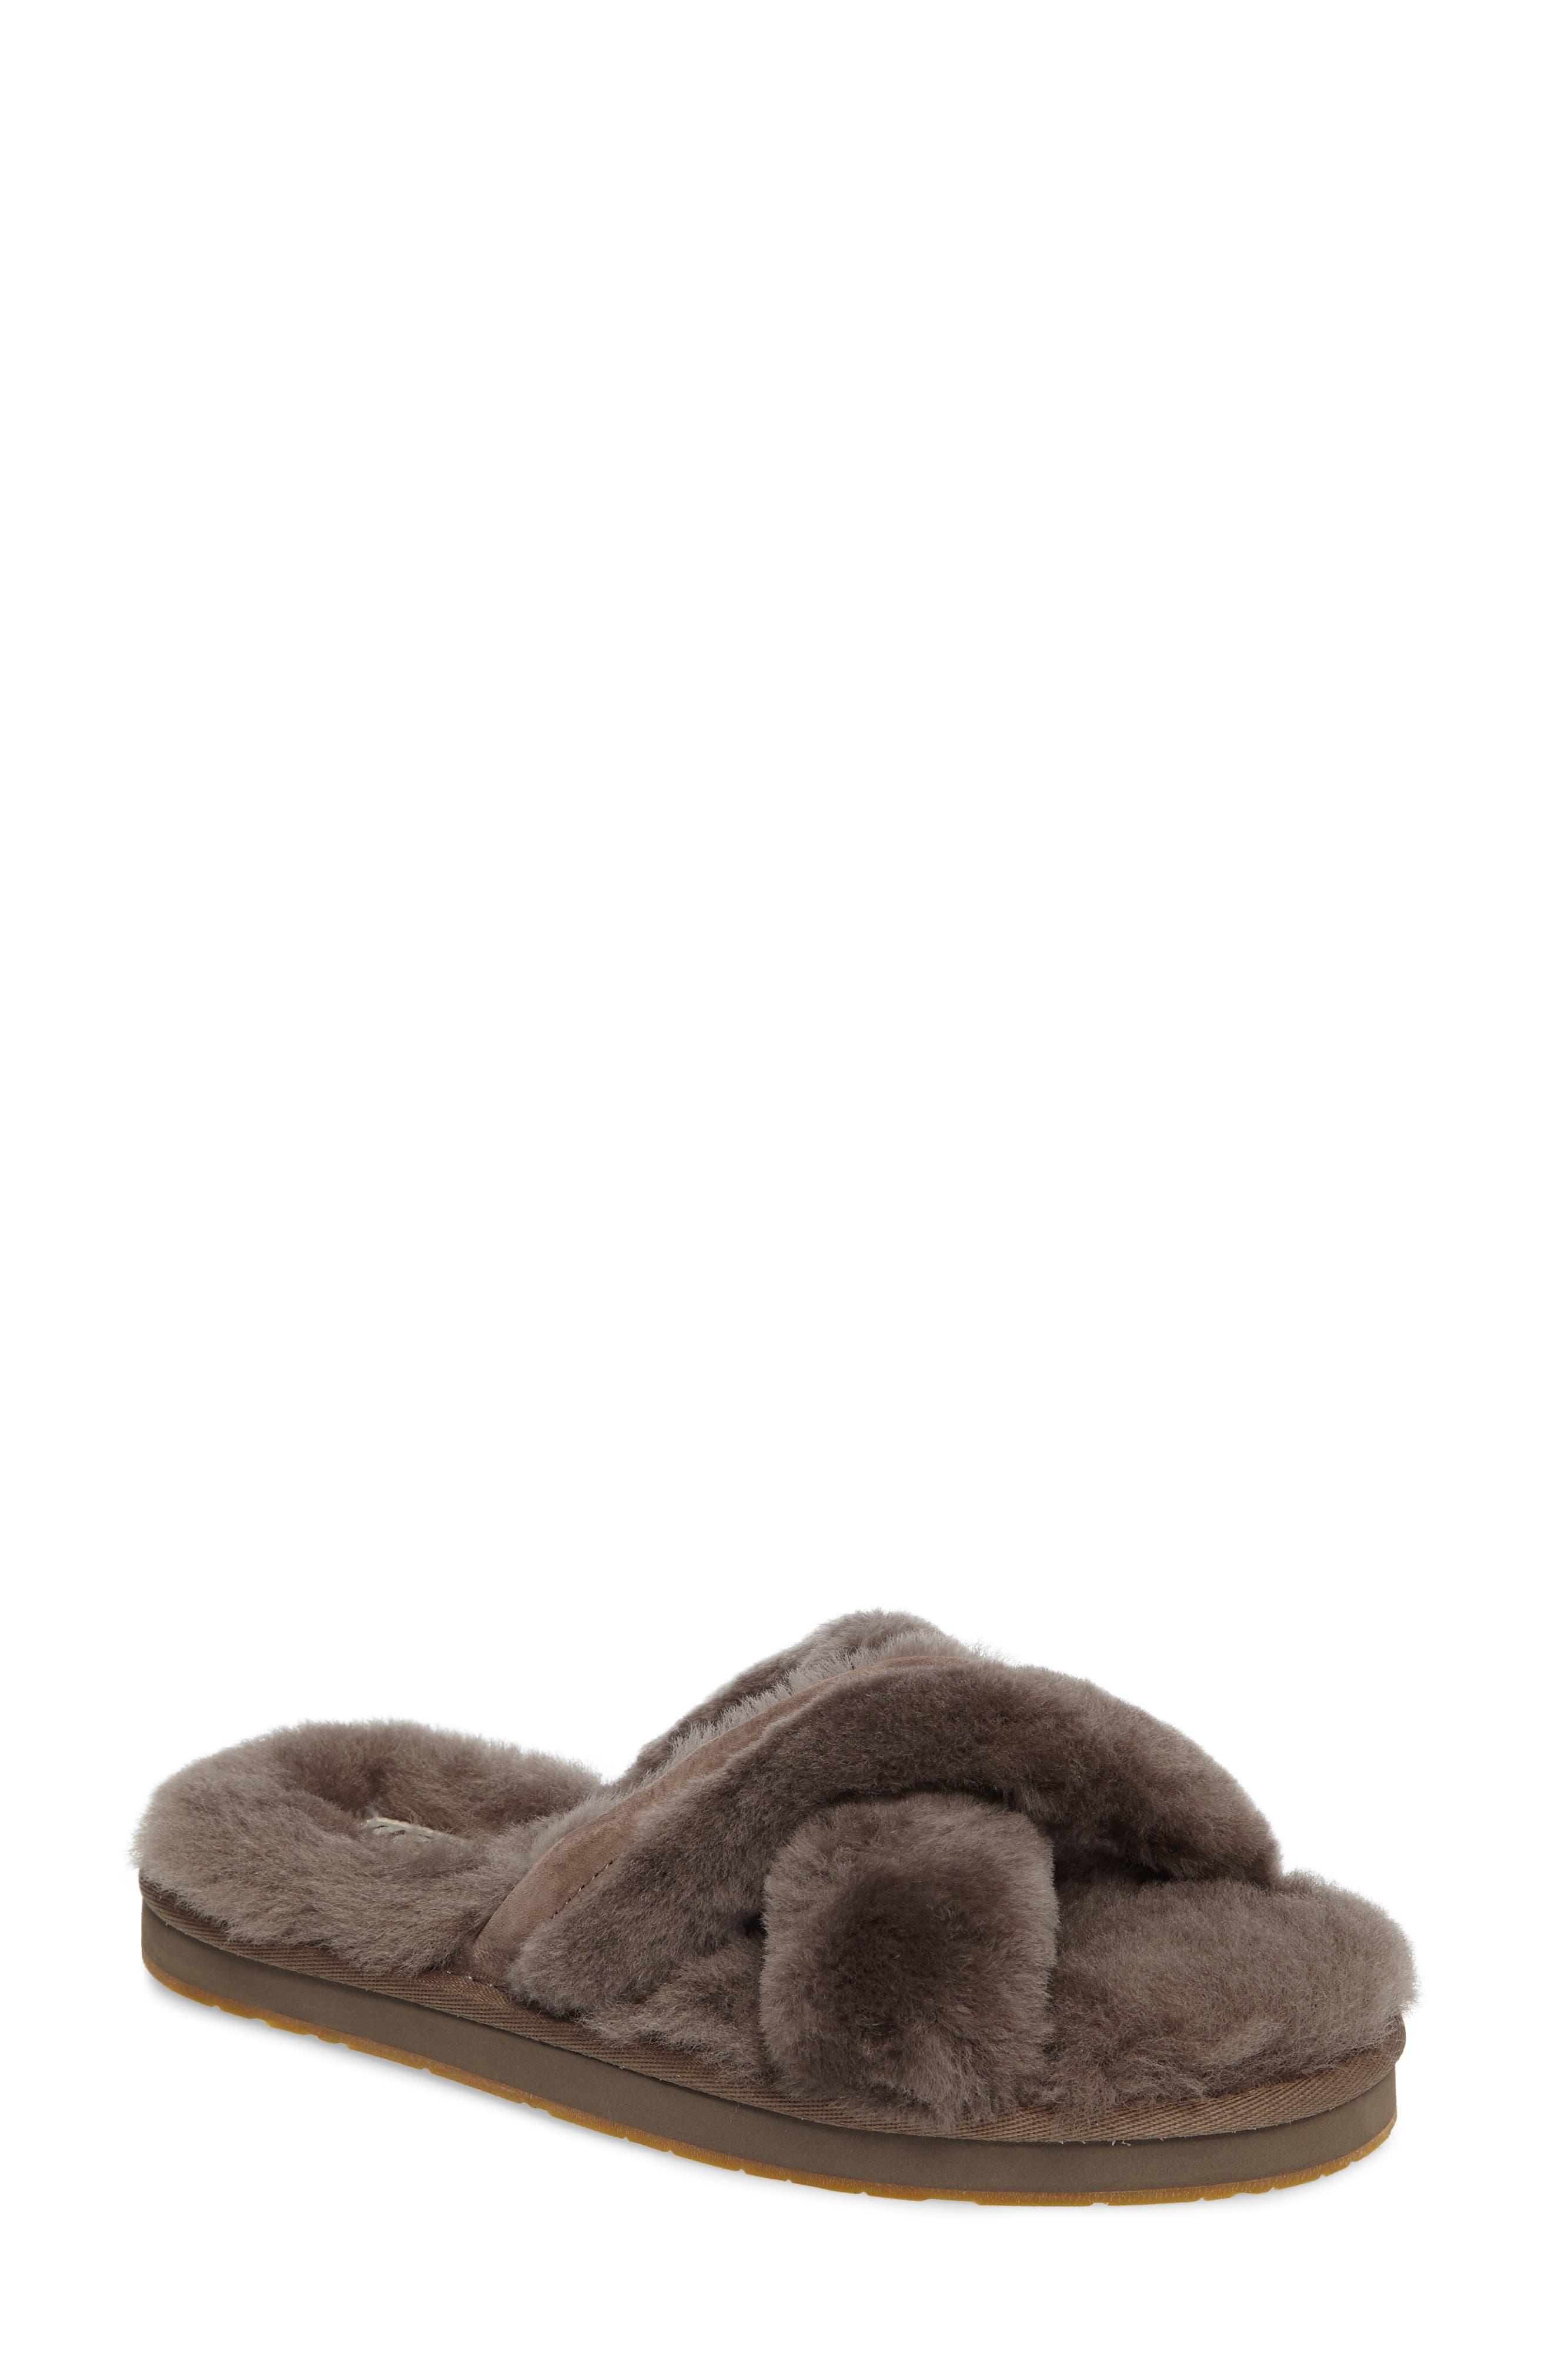 Alternate Image 1 Selected - UGG® Abela Genuine Shearling Flip Flop (Women)